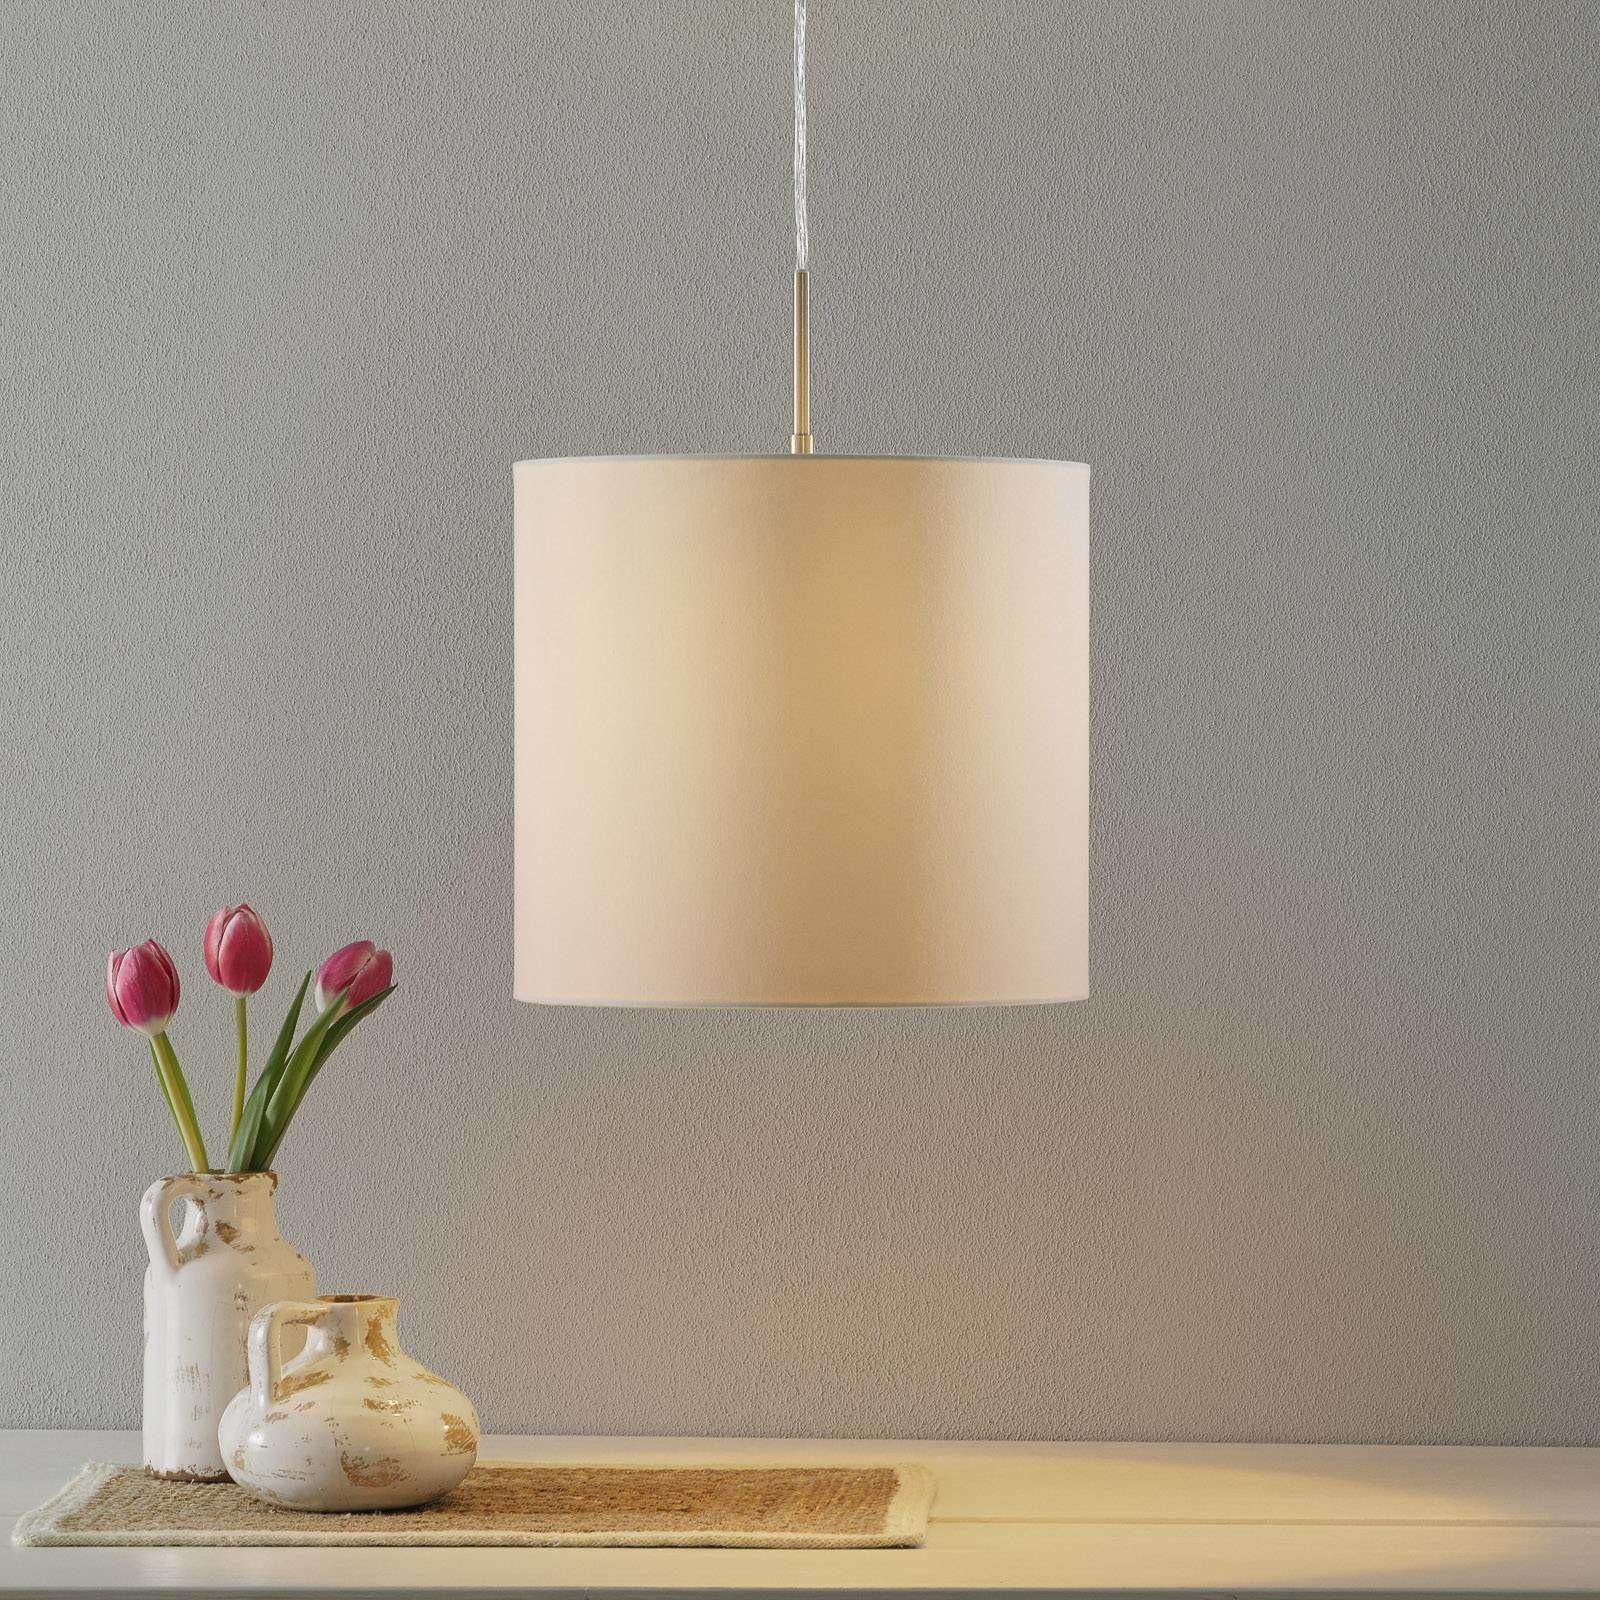 Lucande Patrik lampa wisząca Ø30cm kremowa